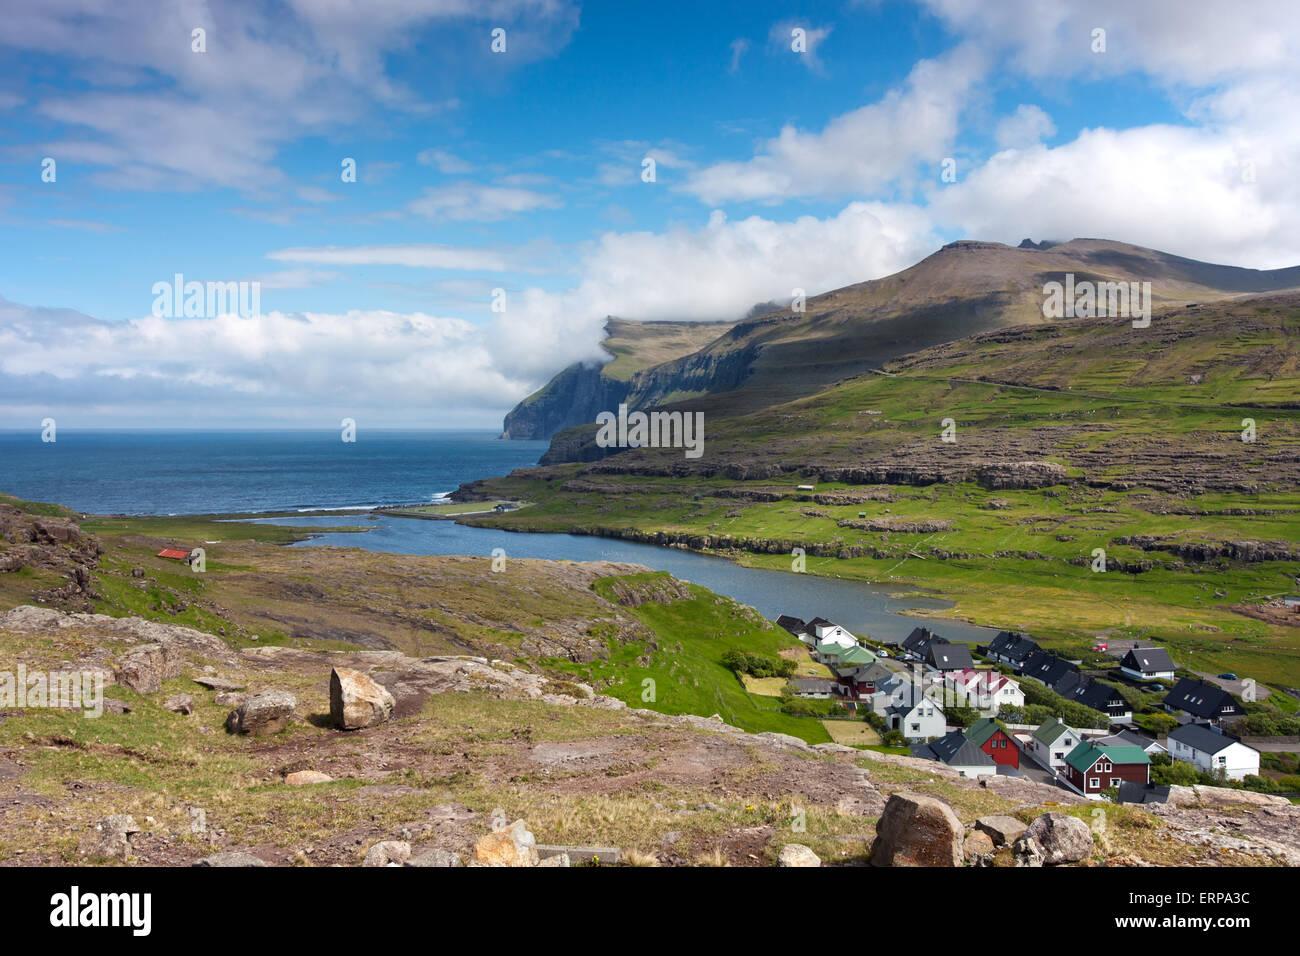 Îles Féroé, village entouré par une nature préservée Photo Stock